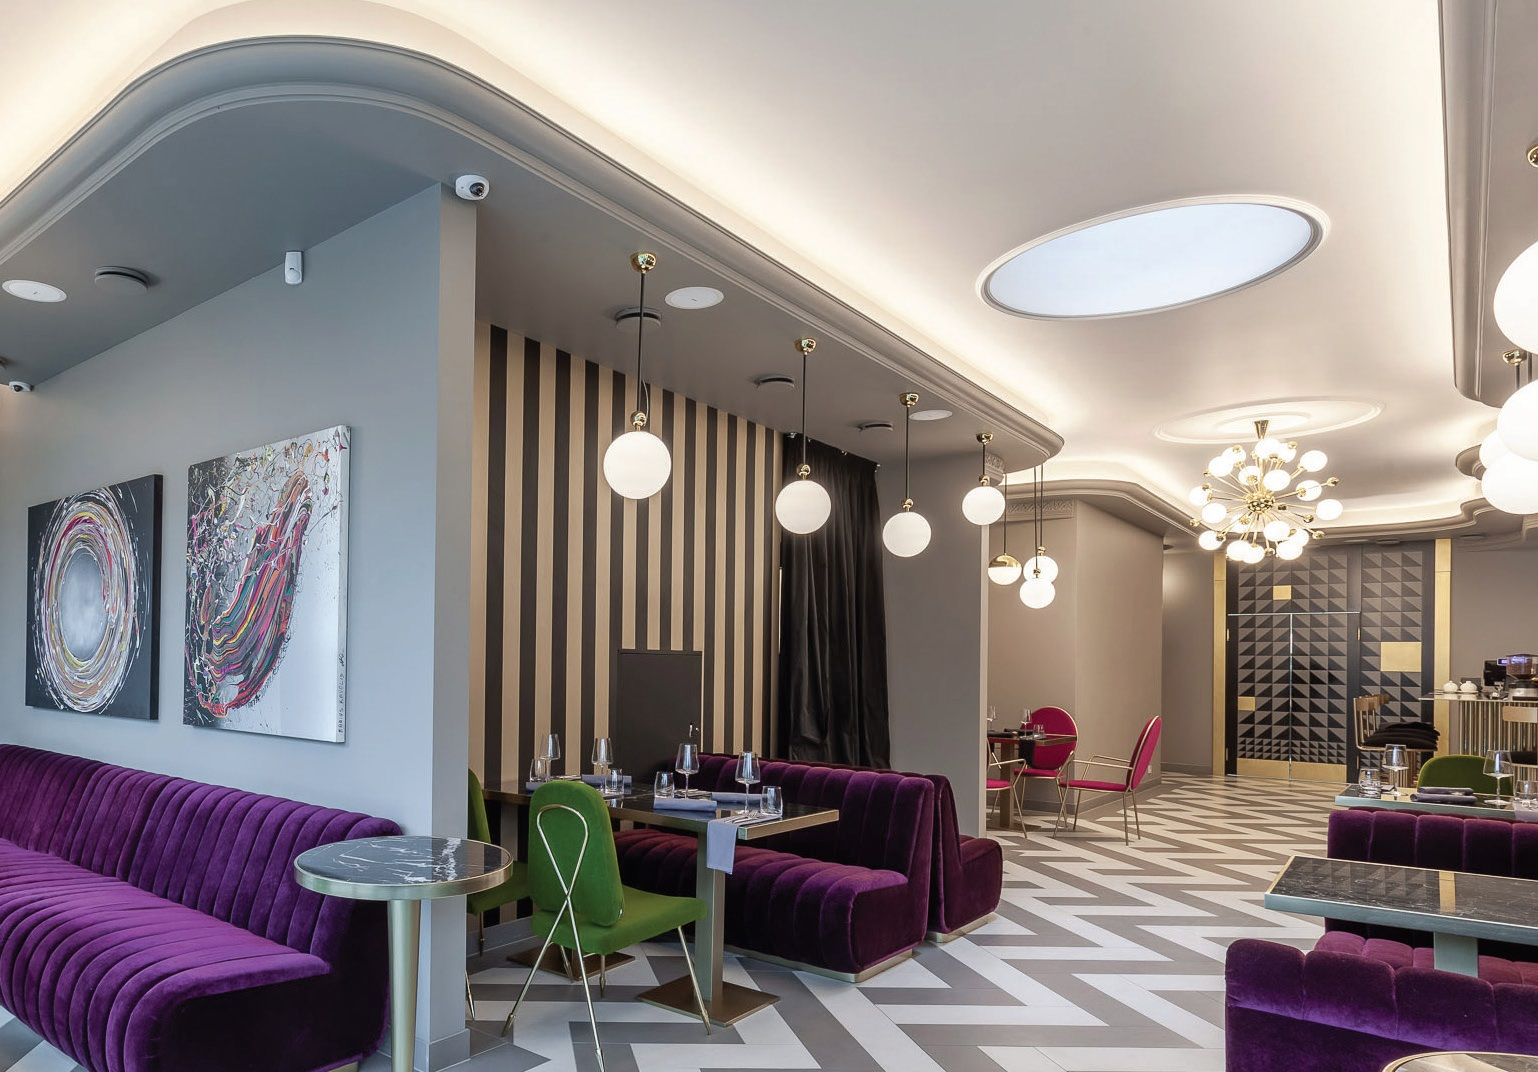 """Viešbučio svečių maitinimu rūpinasi europietiškos virtuvės restoranas, kuriame laukiami tiek apsistojusieji """"Amsterdam Plaza"""", tiek Palangos gyventojai bei kurorto svečiai"""